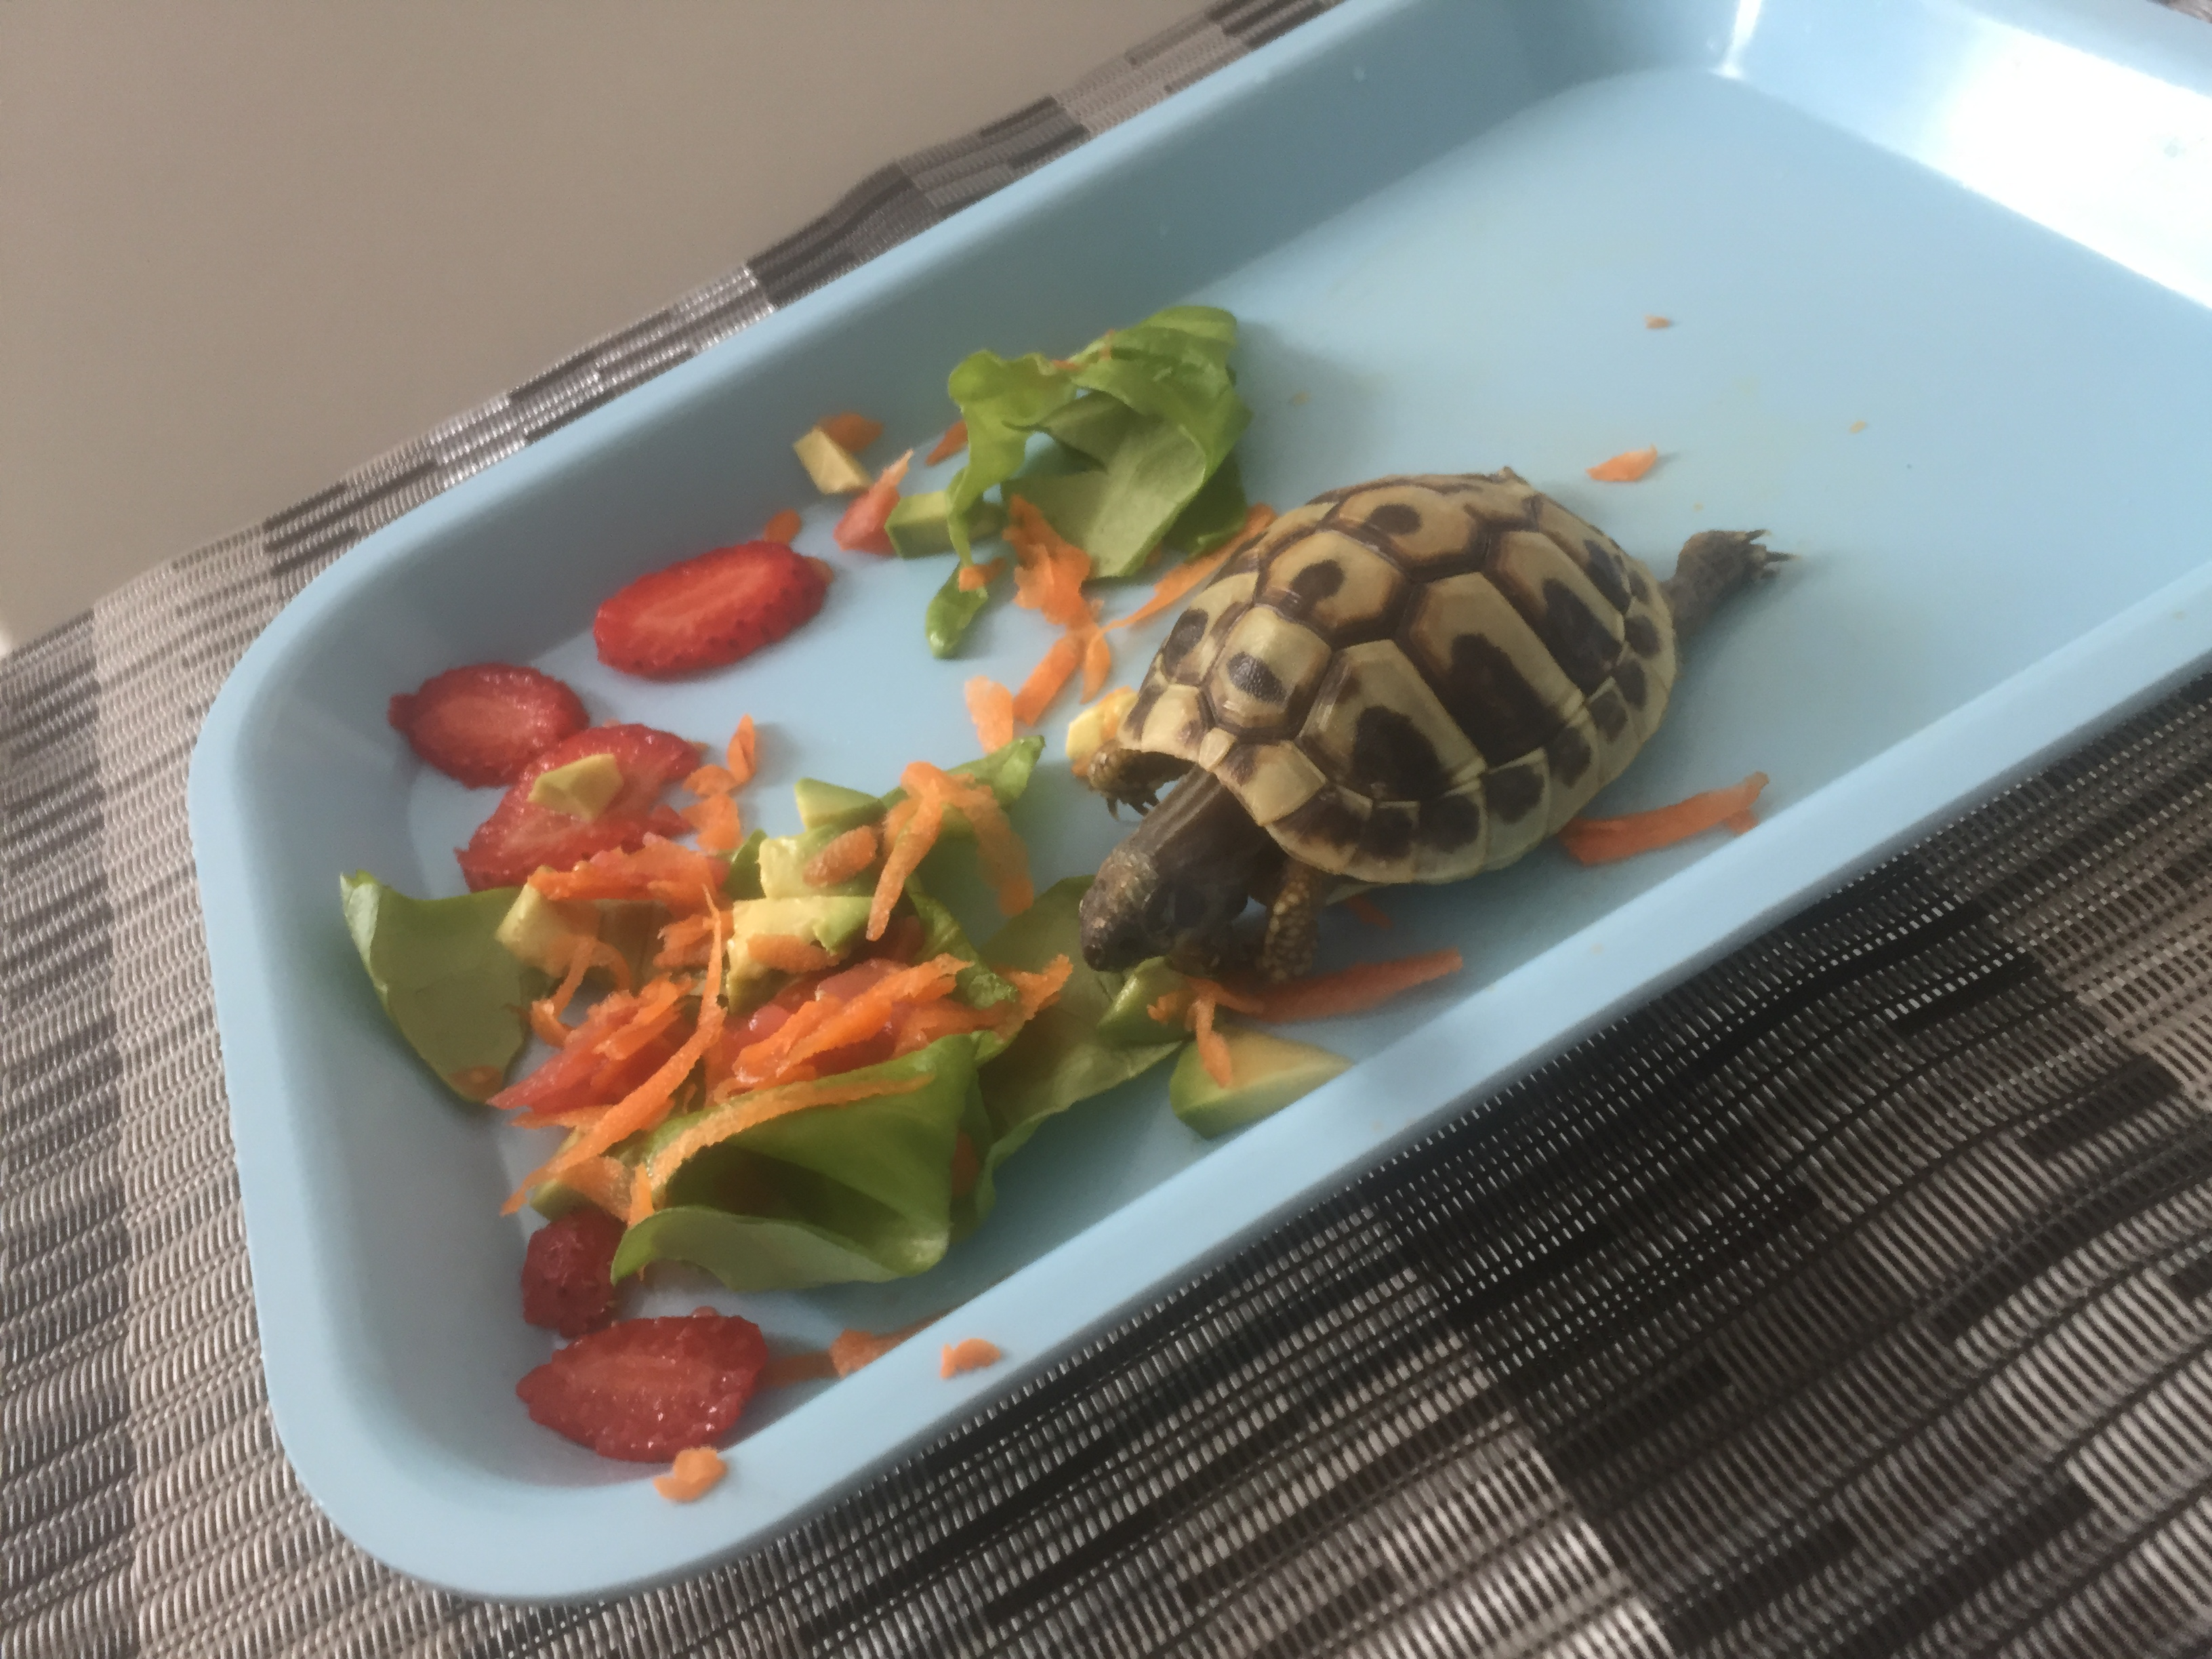 """El Centro de Control y Prevención de Enfermedades aclara que """"todas las tortugas"""", independientemente de su tamaño, pueden portar la bacteria de la salmonella incluso si se ven sanas y limpias"""